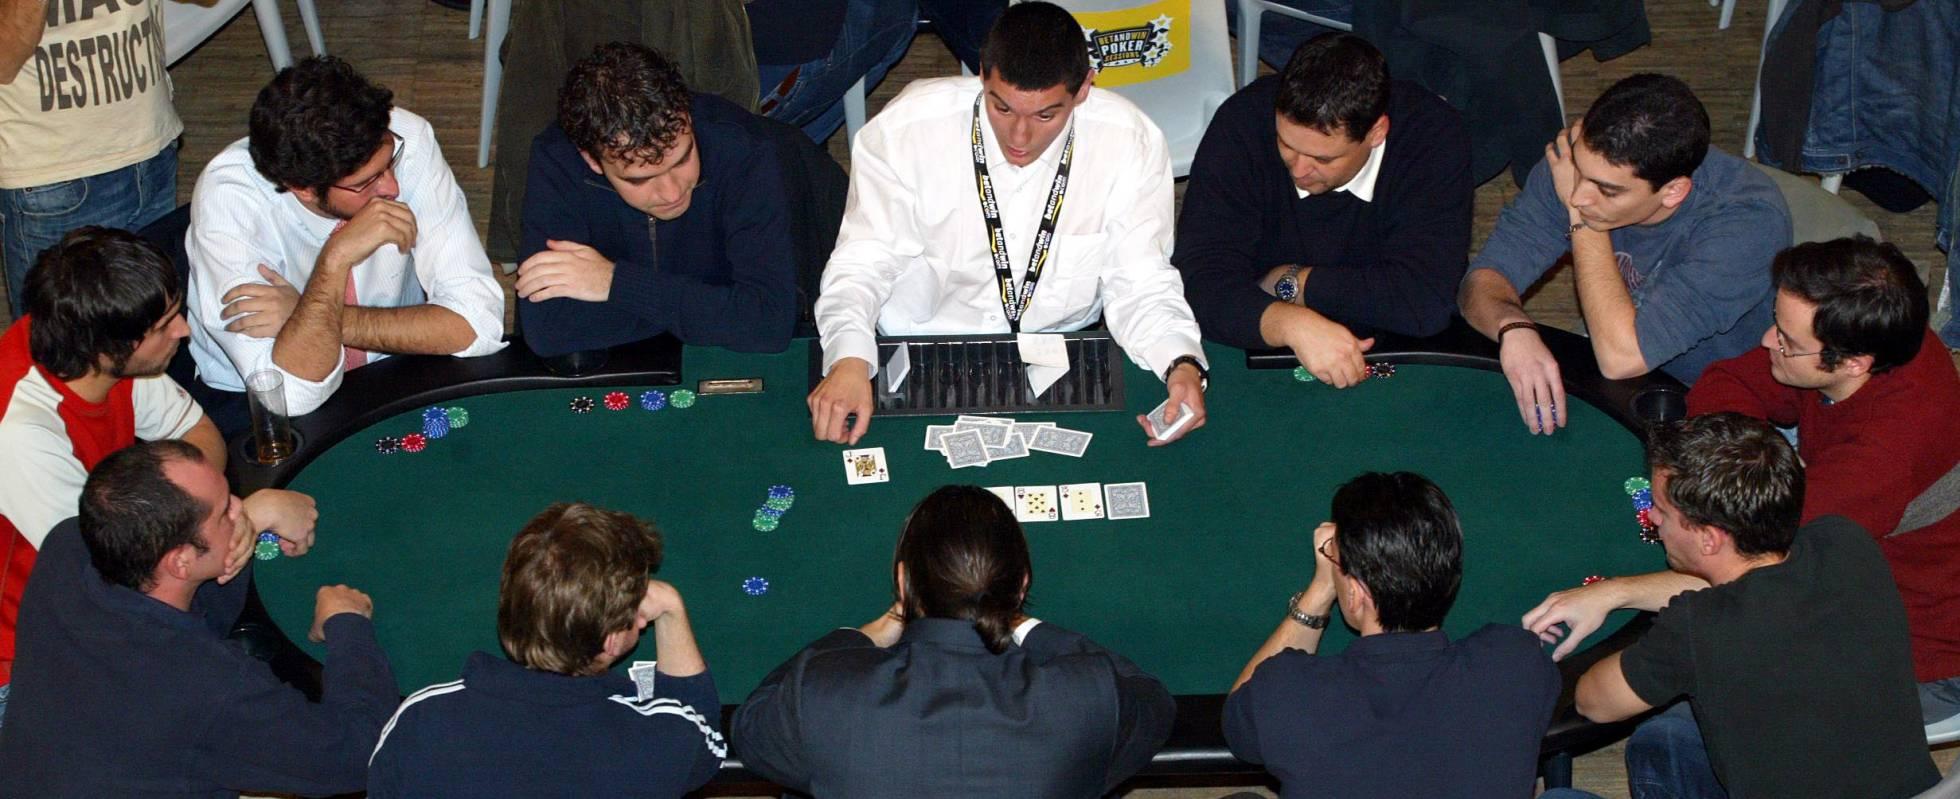 La justicia avala que los gastos por jugar en torneos de póker sean deducibles en el IRPF